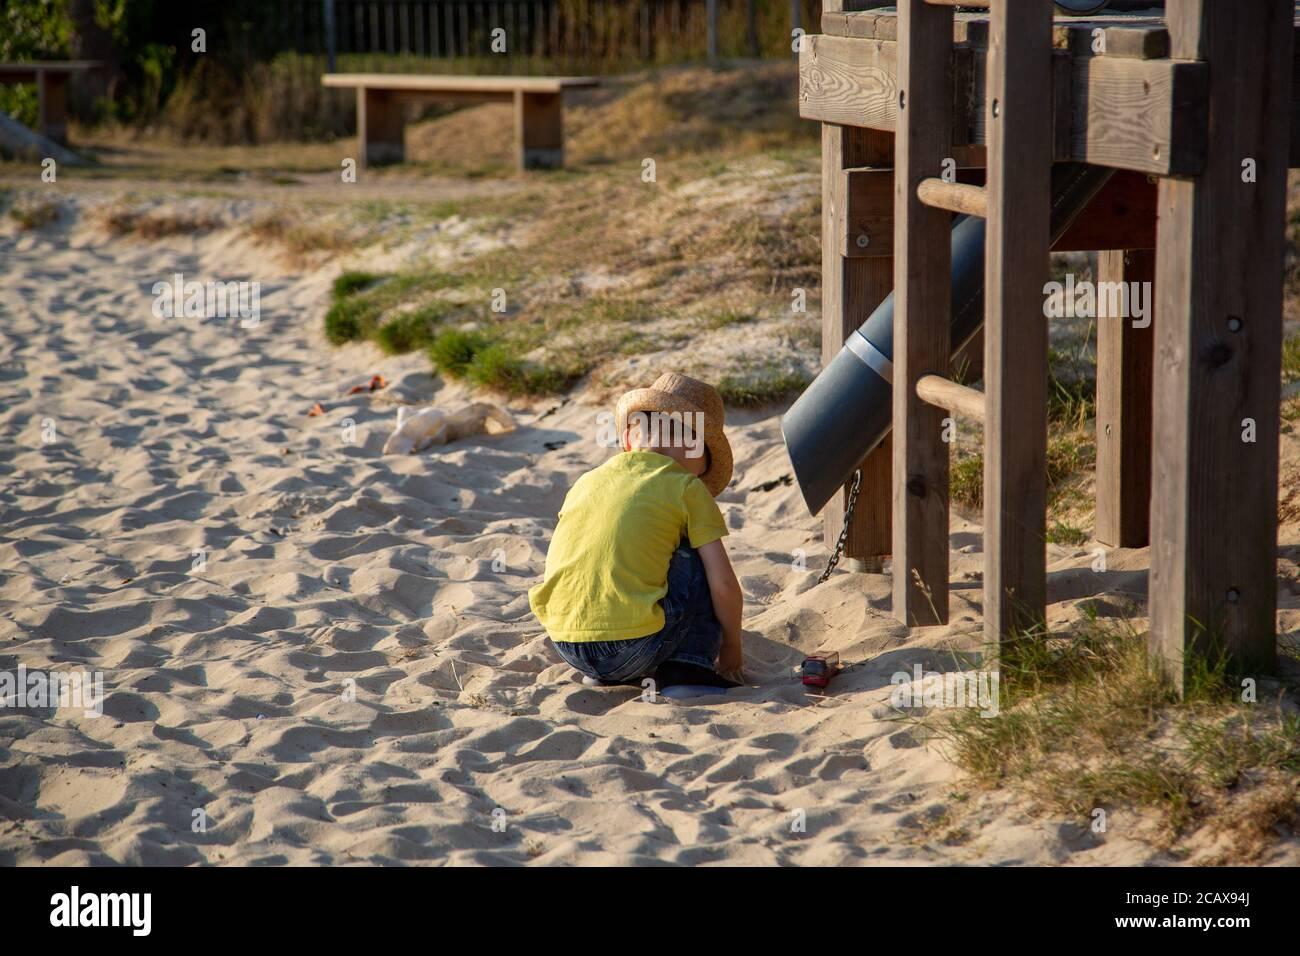 Un petit garçon jouant dans un bac à sable dans un parc pendant l'été avec un cadre d'escalade en vue Banque D'Images